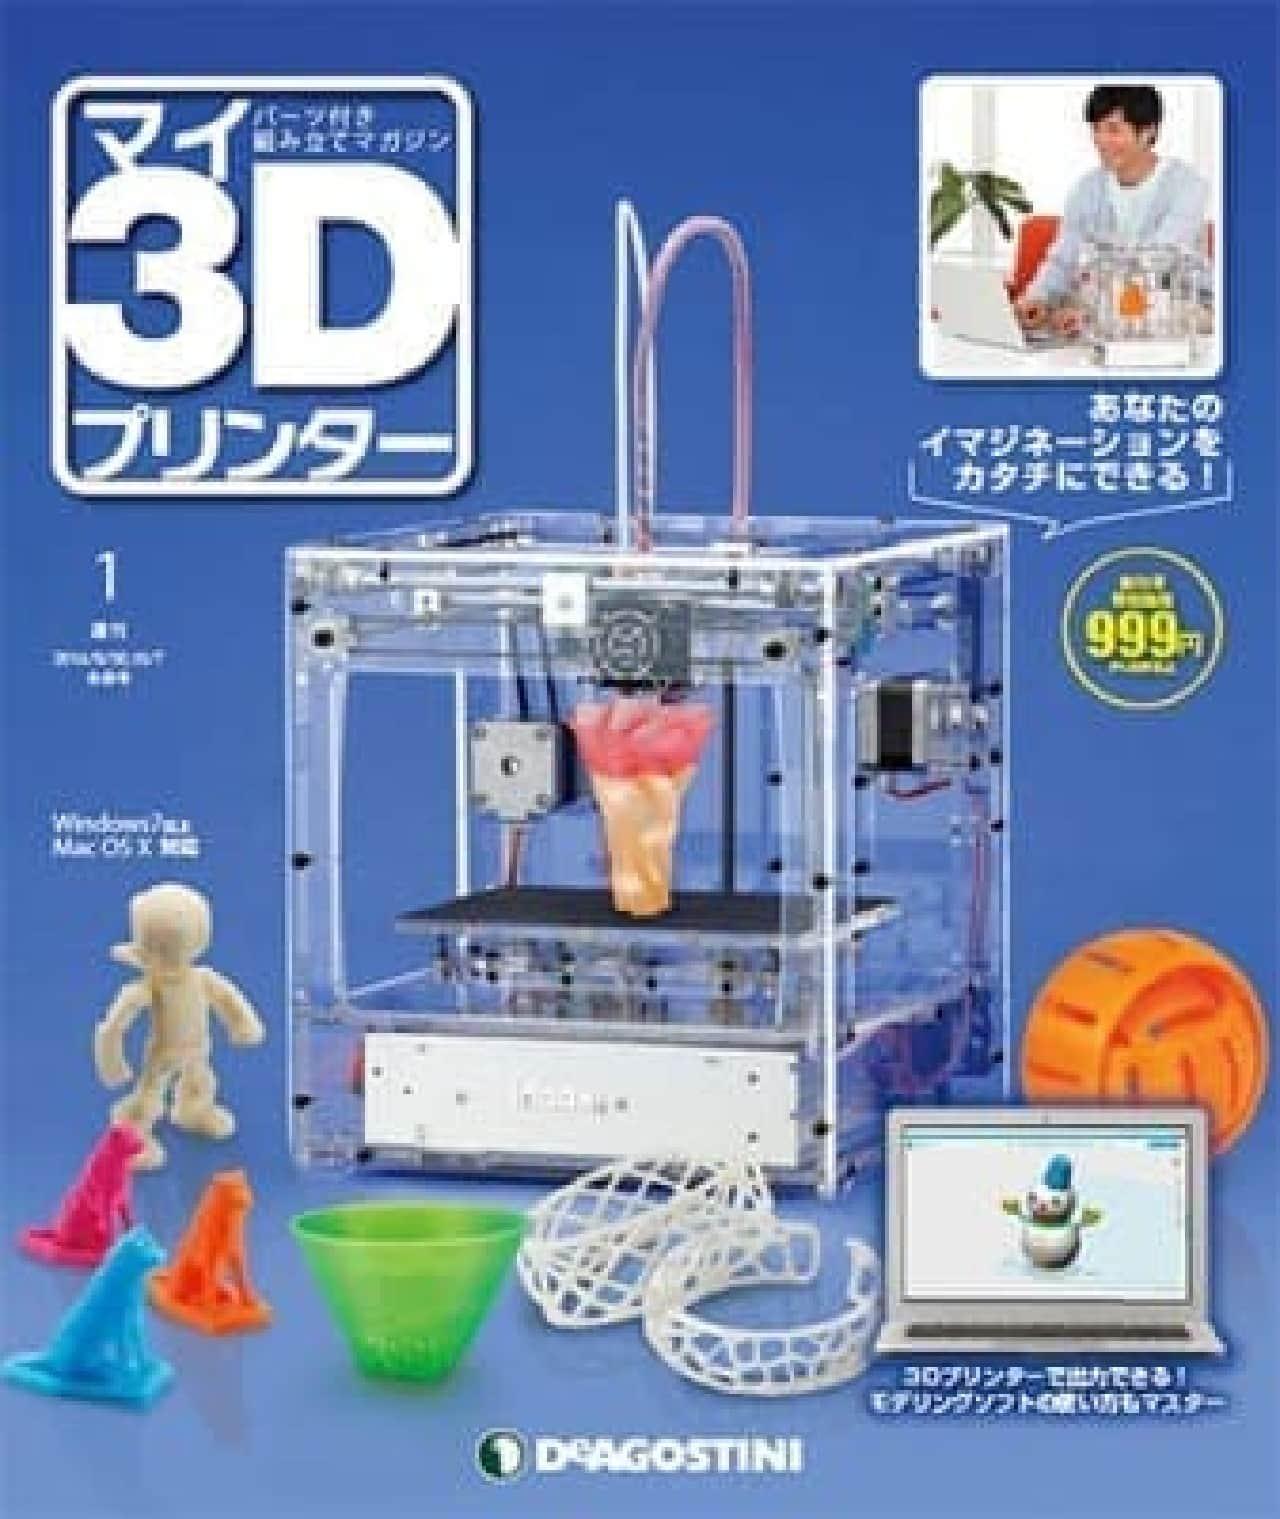 話題の 3D プリンターを作ろう!